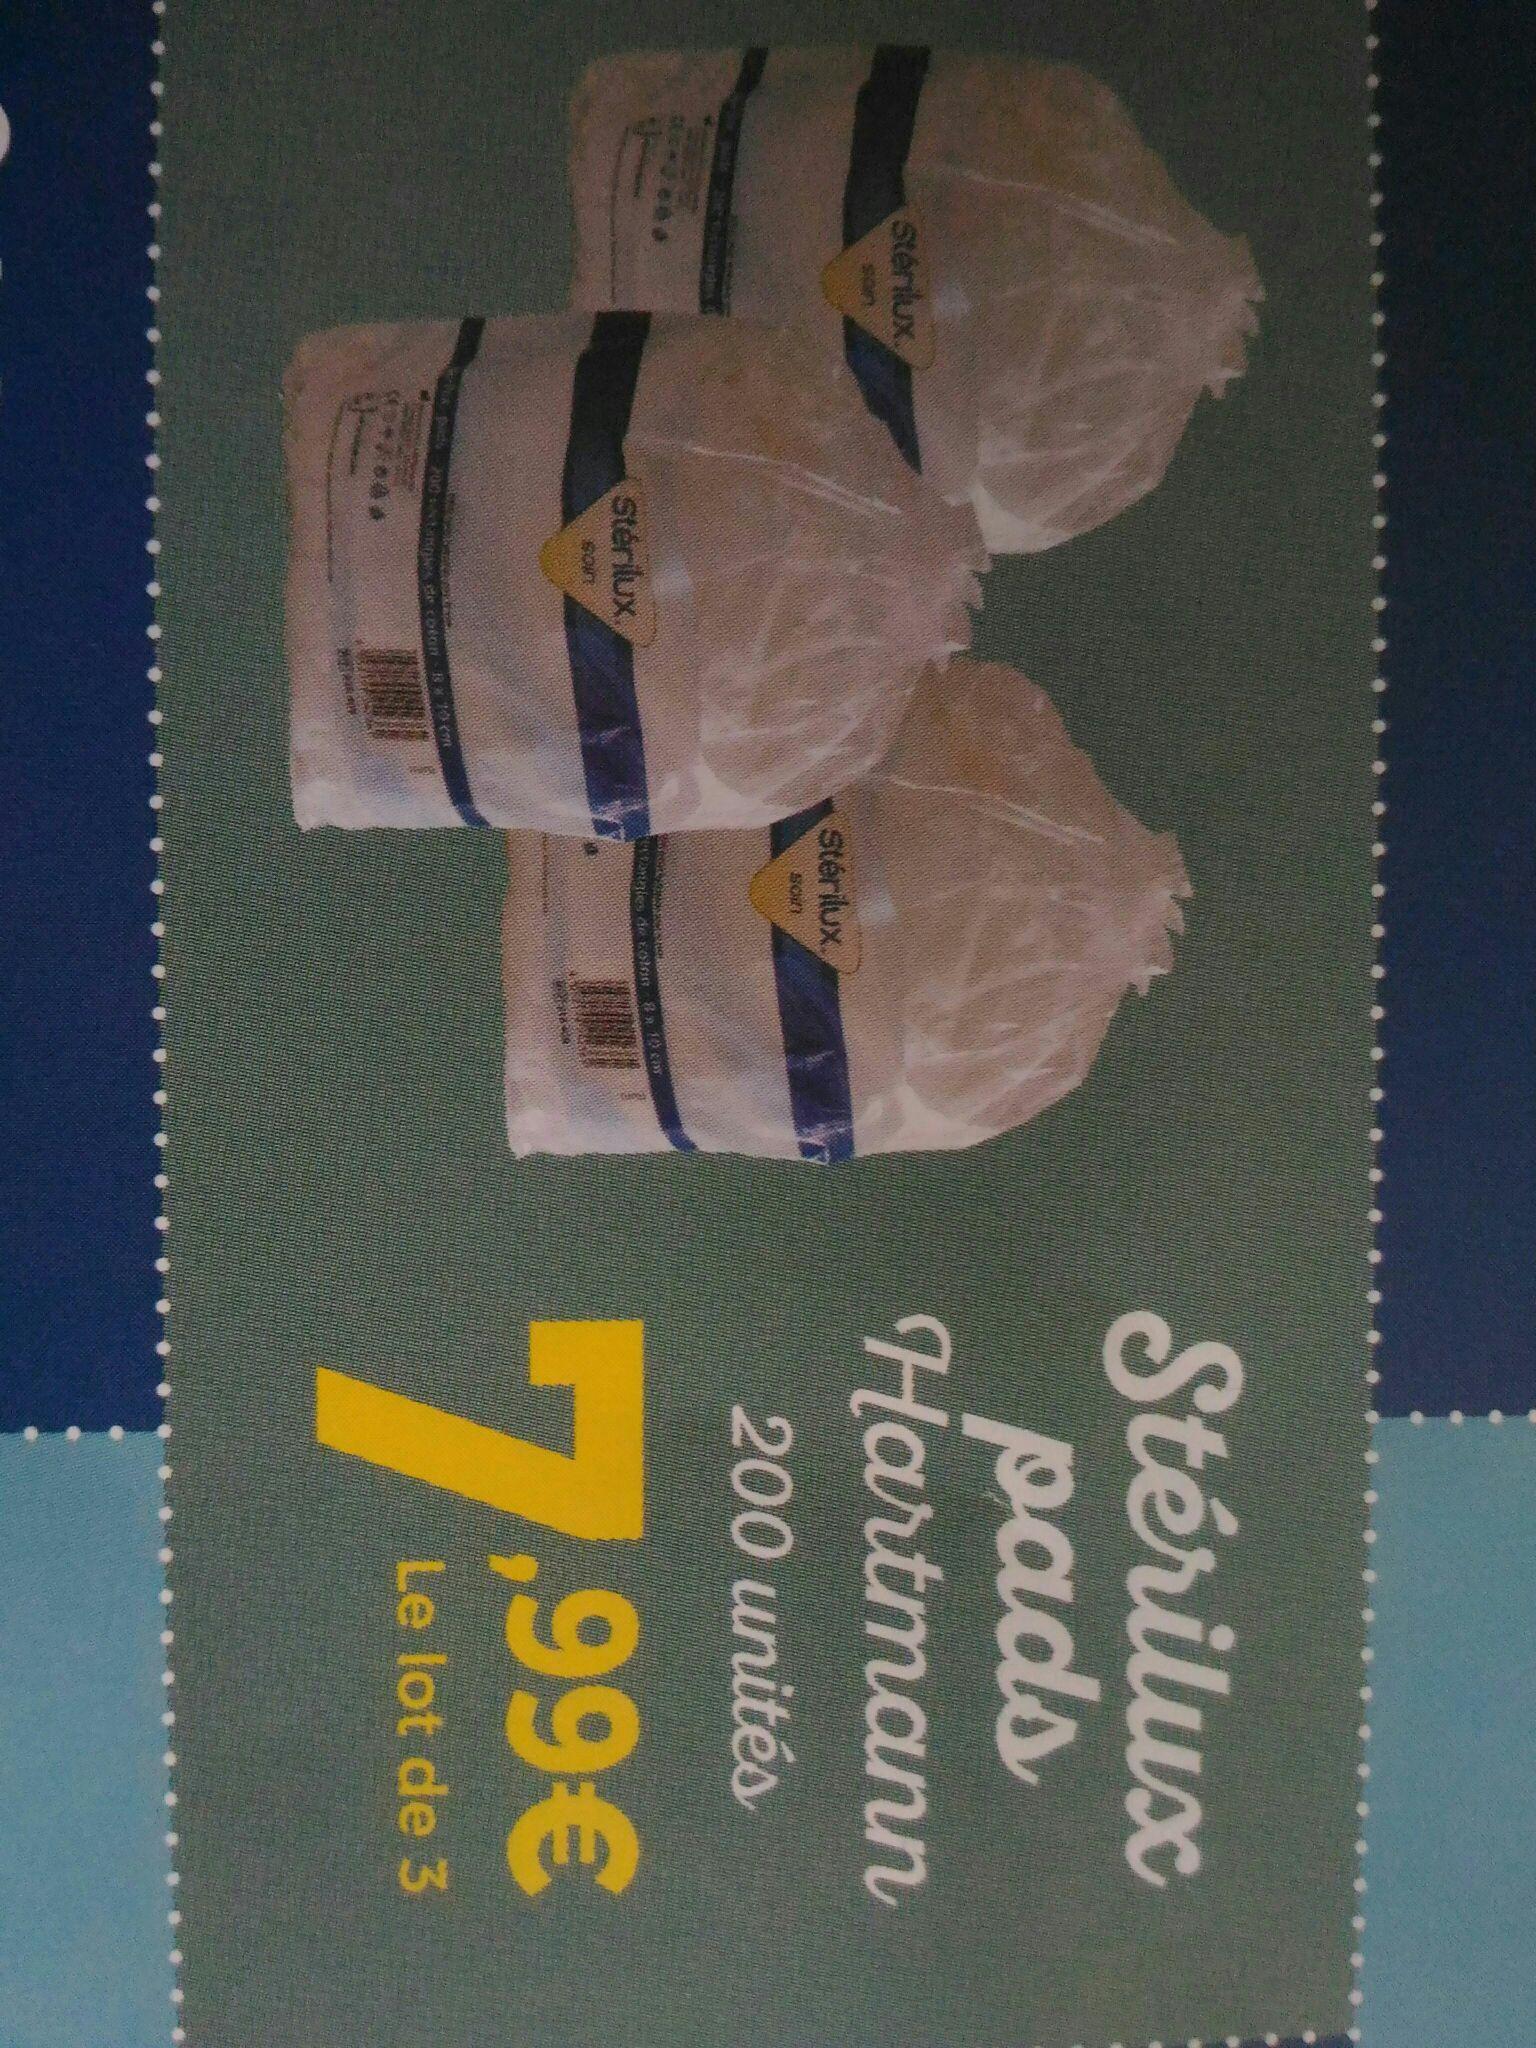 Lot de 3 paquets de 200 Cotopads Sterilux Hartmann - Pharmacie de la Gare à Nogent-sur-Marne (94)